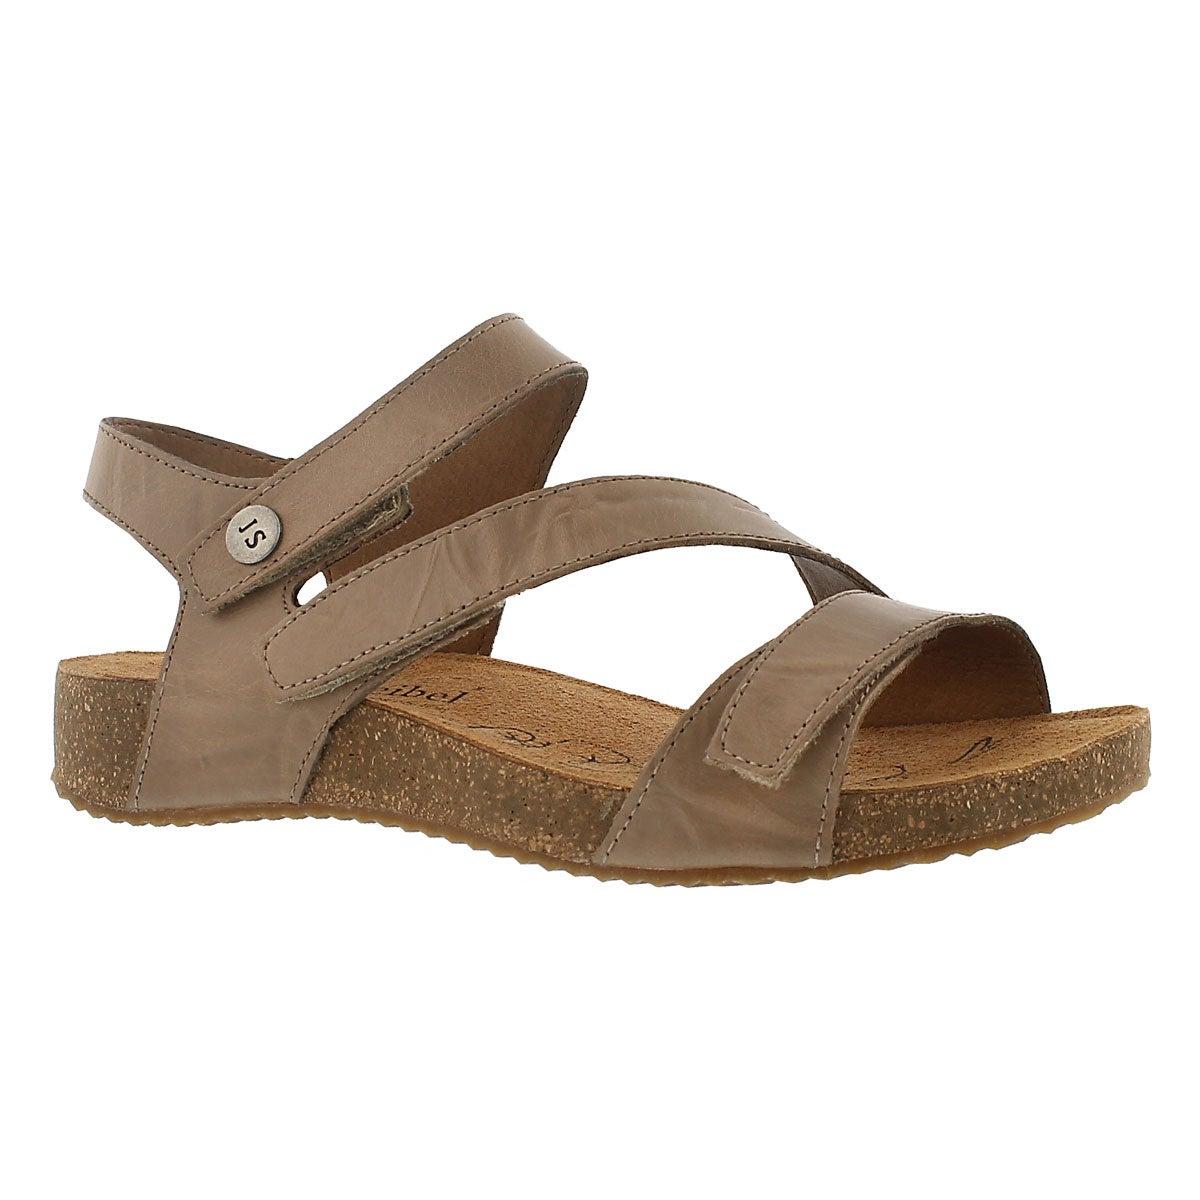 Sandale décontractée Tonga 25, bge, fem